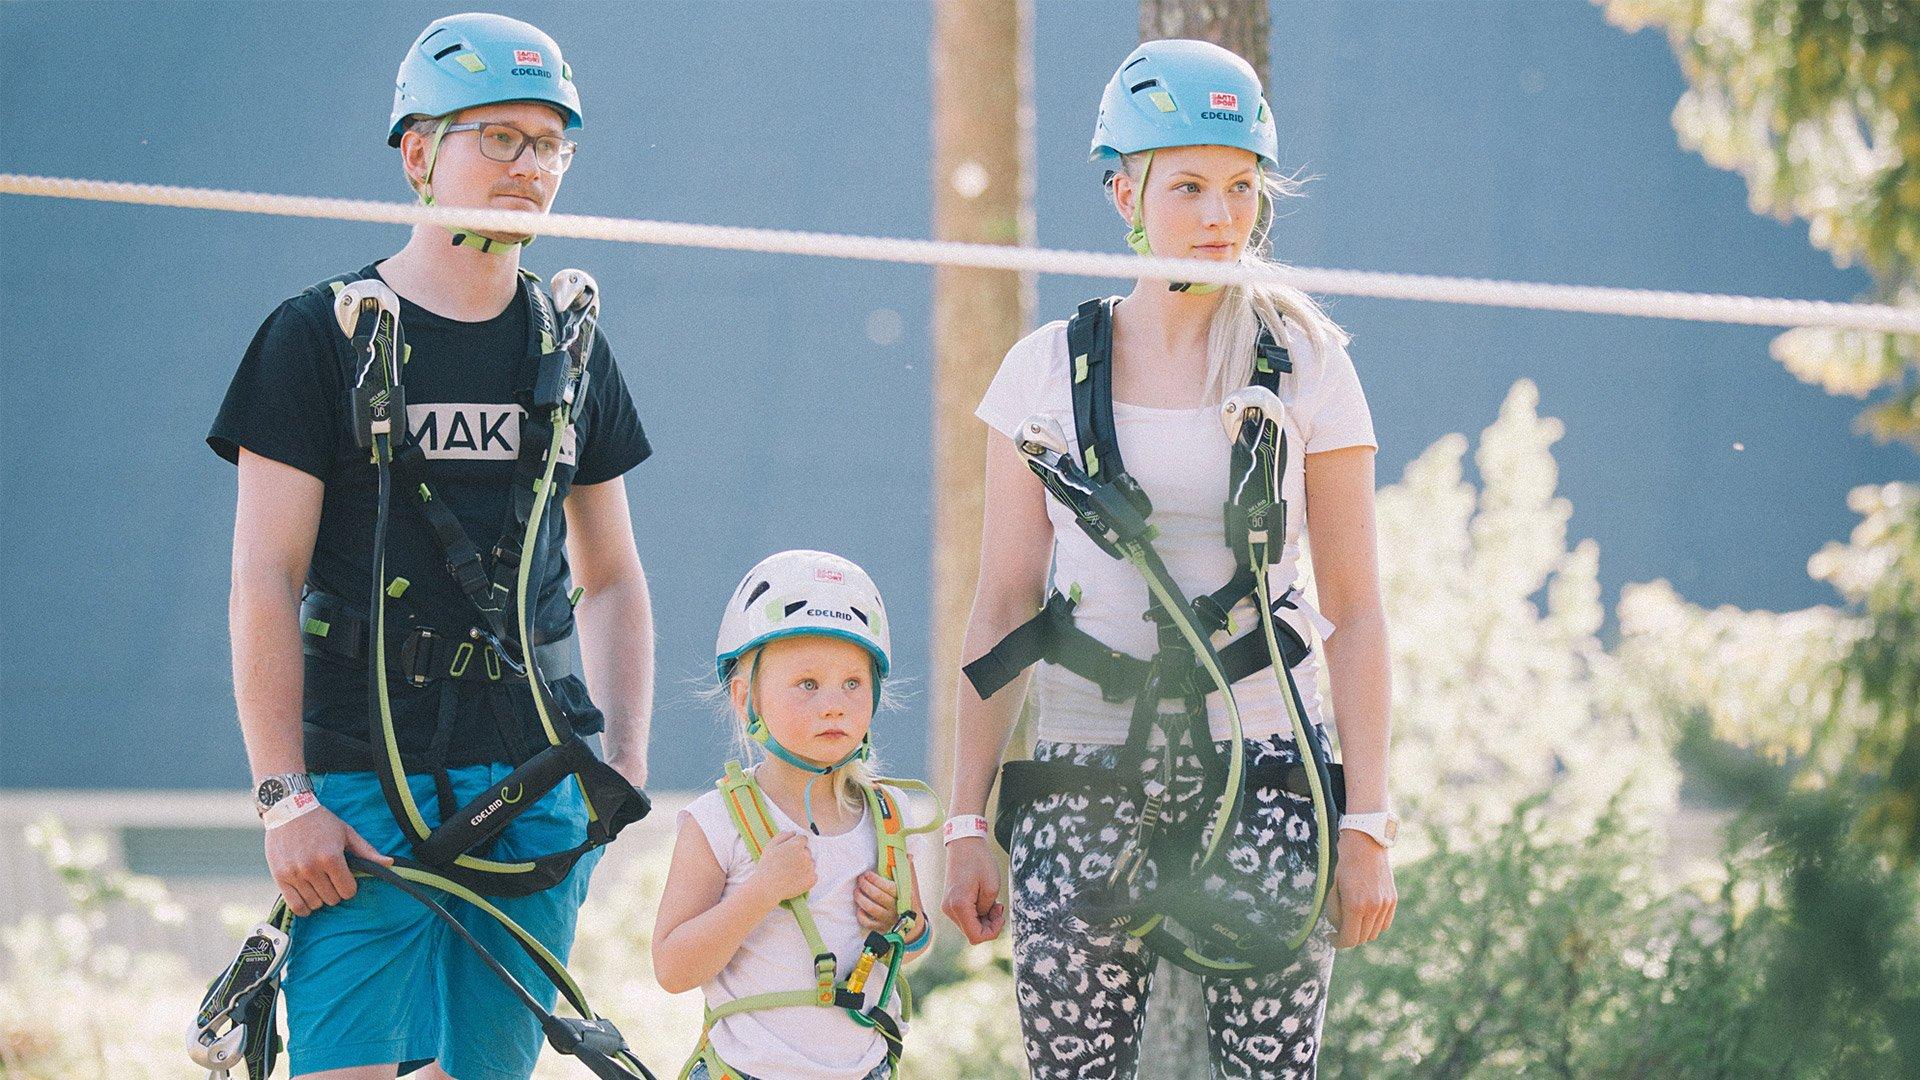 Isä, äiti ja pieni lapsi odottavat ohjeistusta kiipeilyvälineisiin pukeutuneena